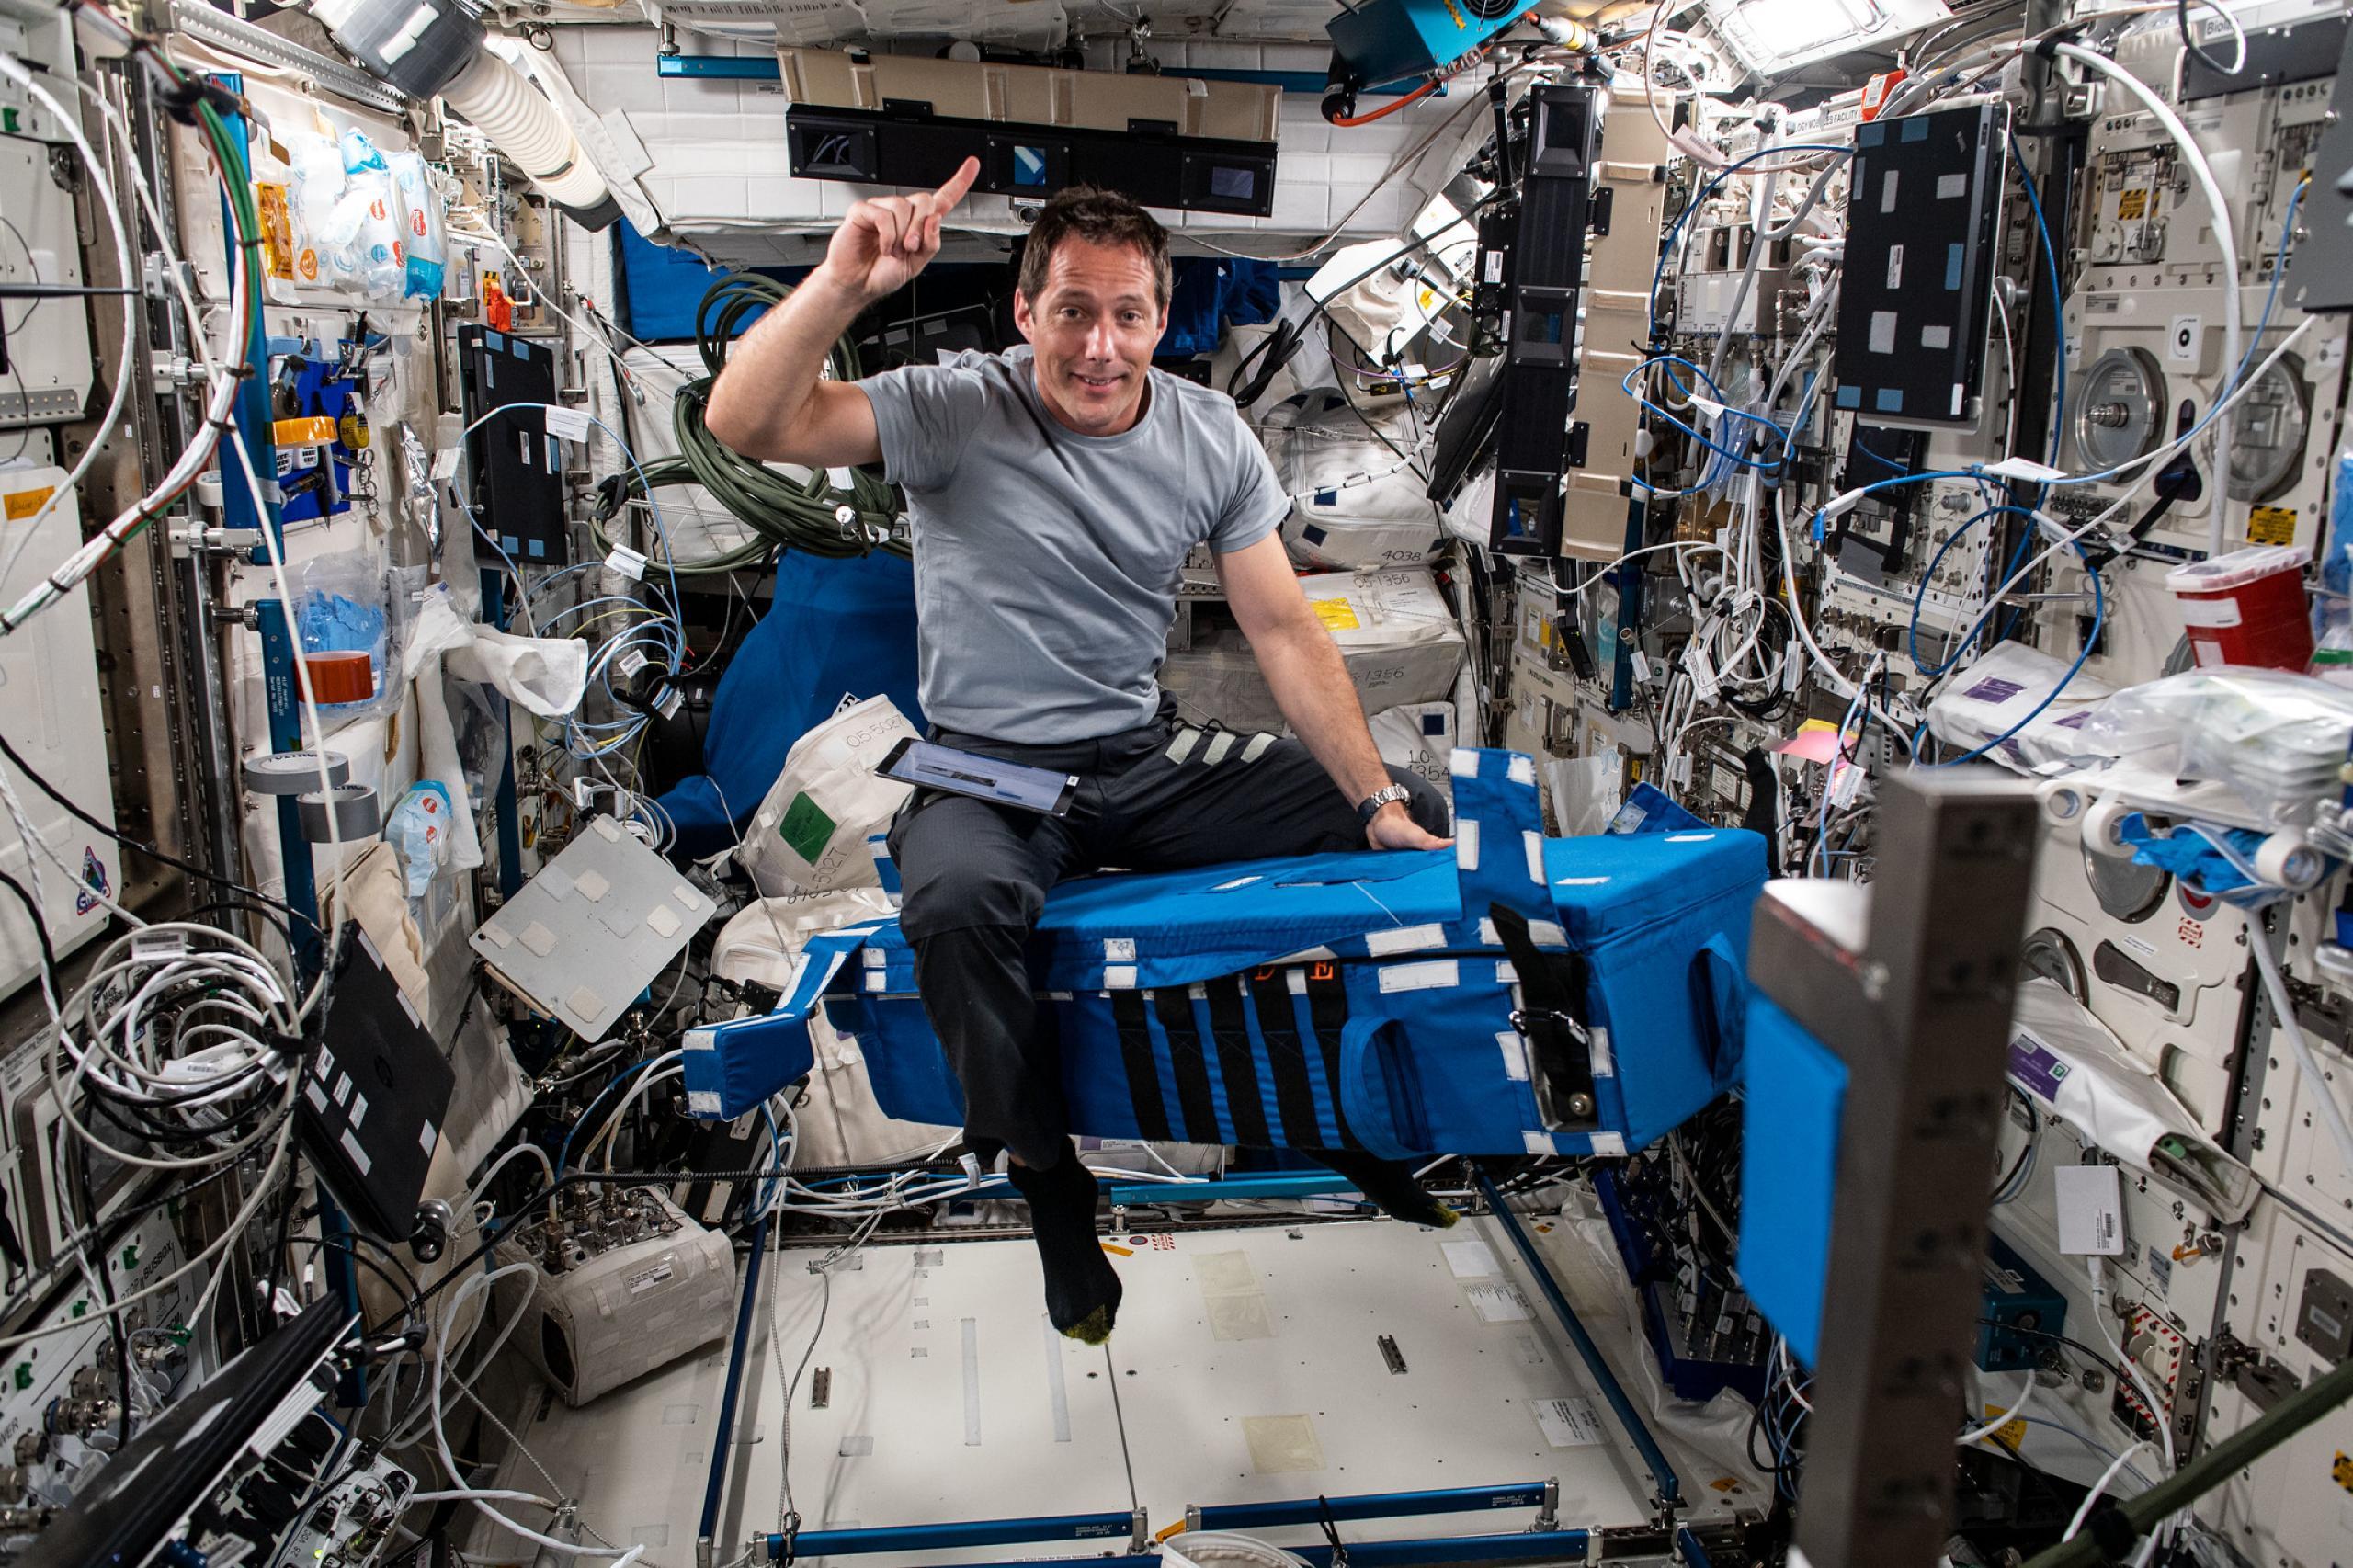 imagen de astronauta preparandose para la investigación